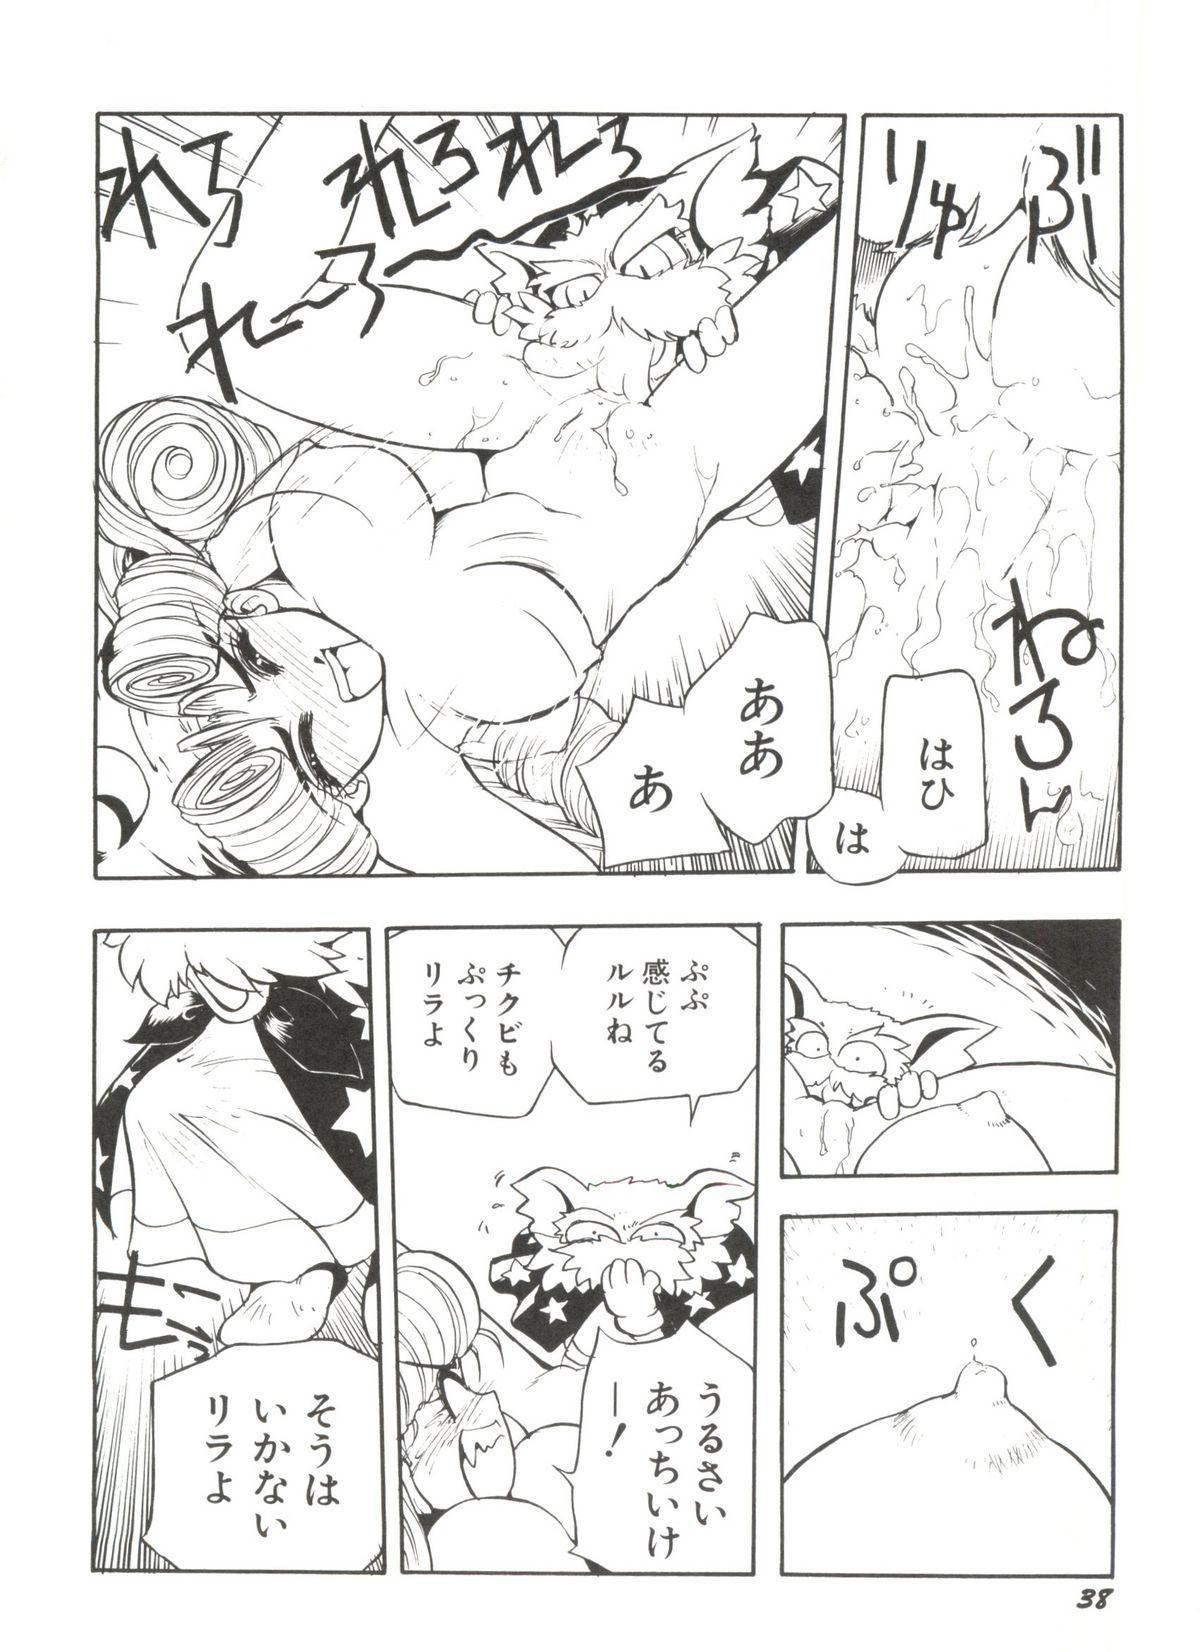 Denei Tamate Bako Bishoujo Doujinshi Anthology Vol. 2 - Nishinhou no Tenshi 41